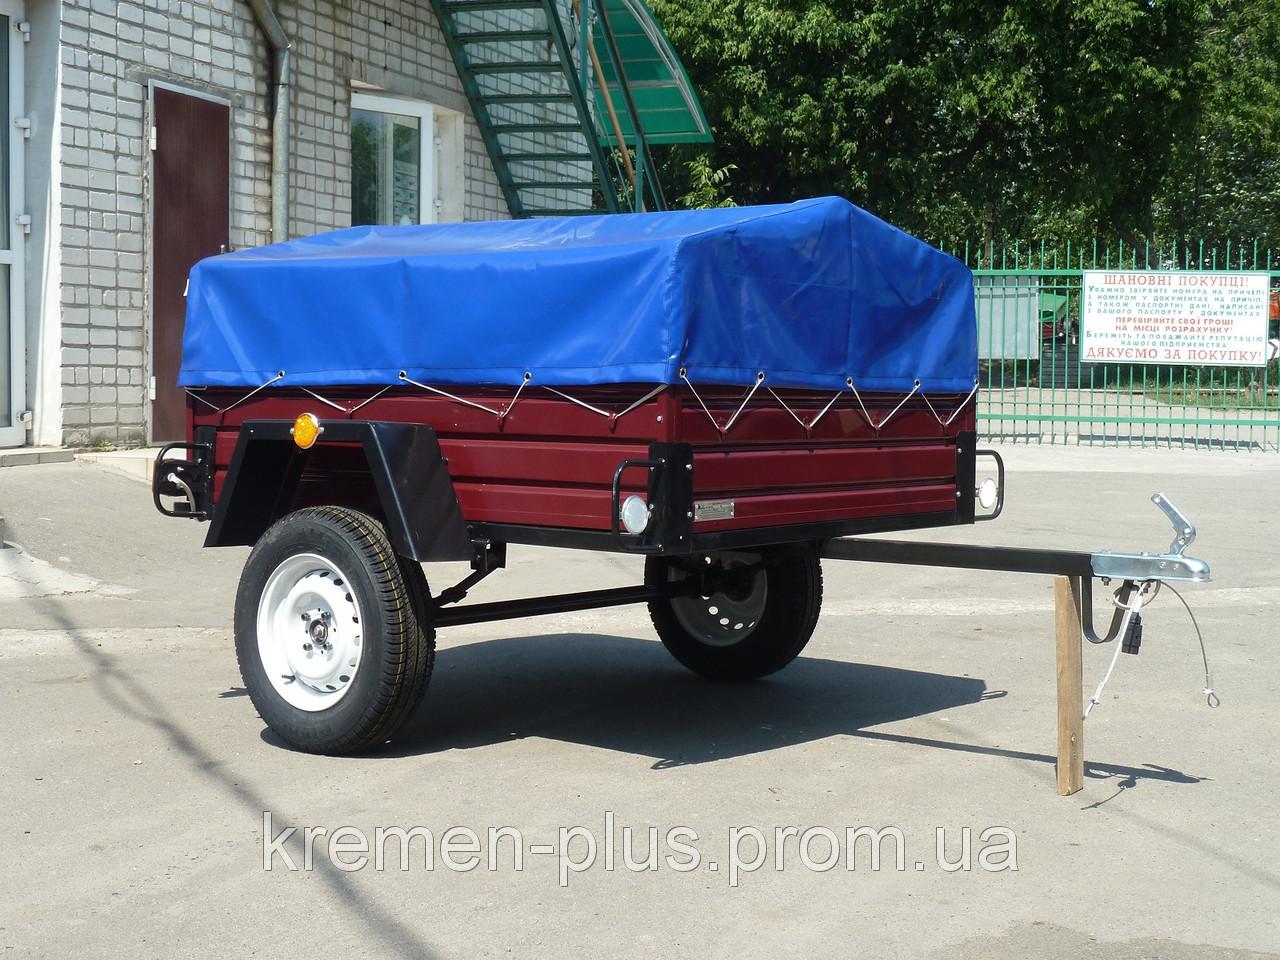 Продам одноосный легковой прицеп в Луцке для автомобиля